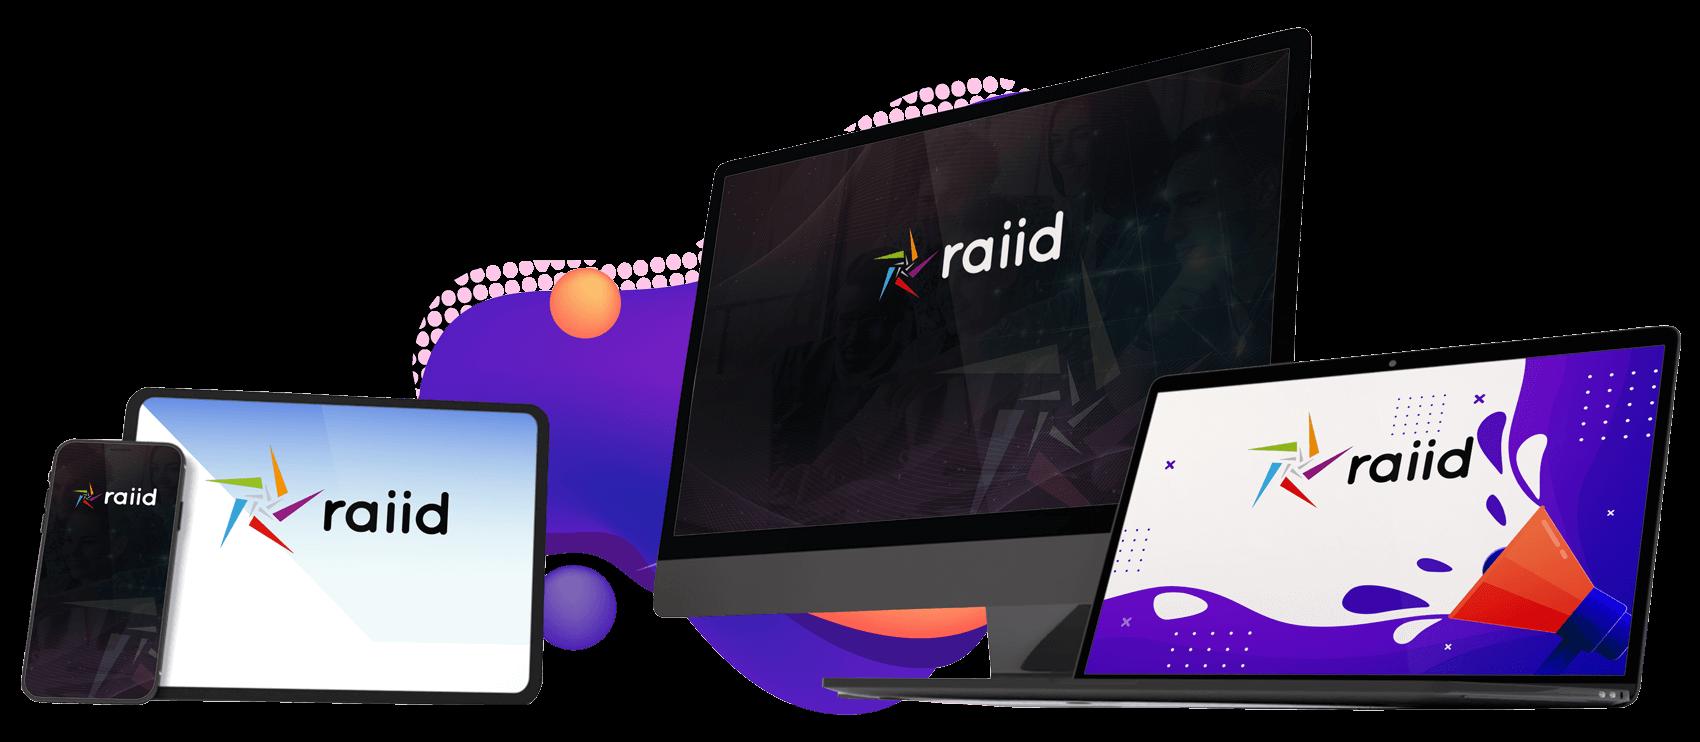 Raiid-Review